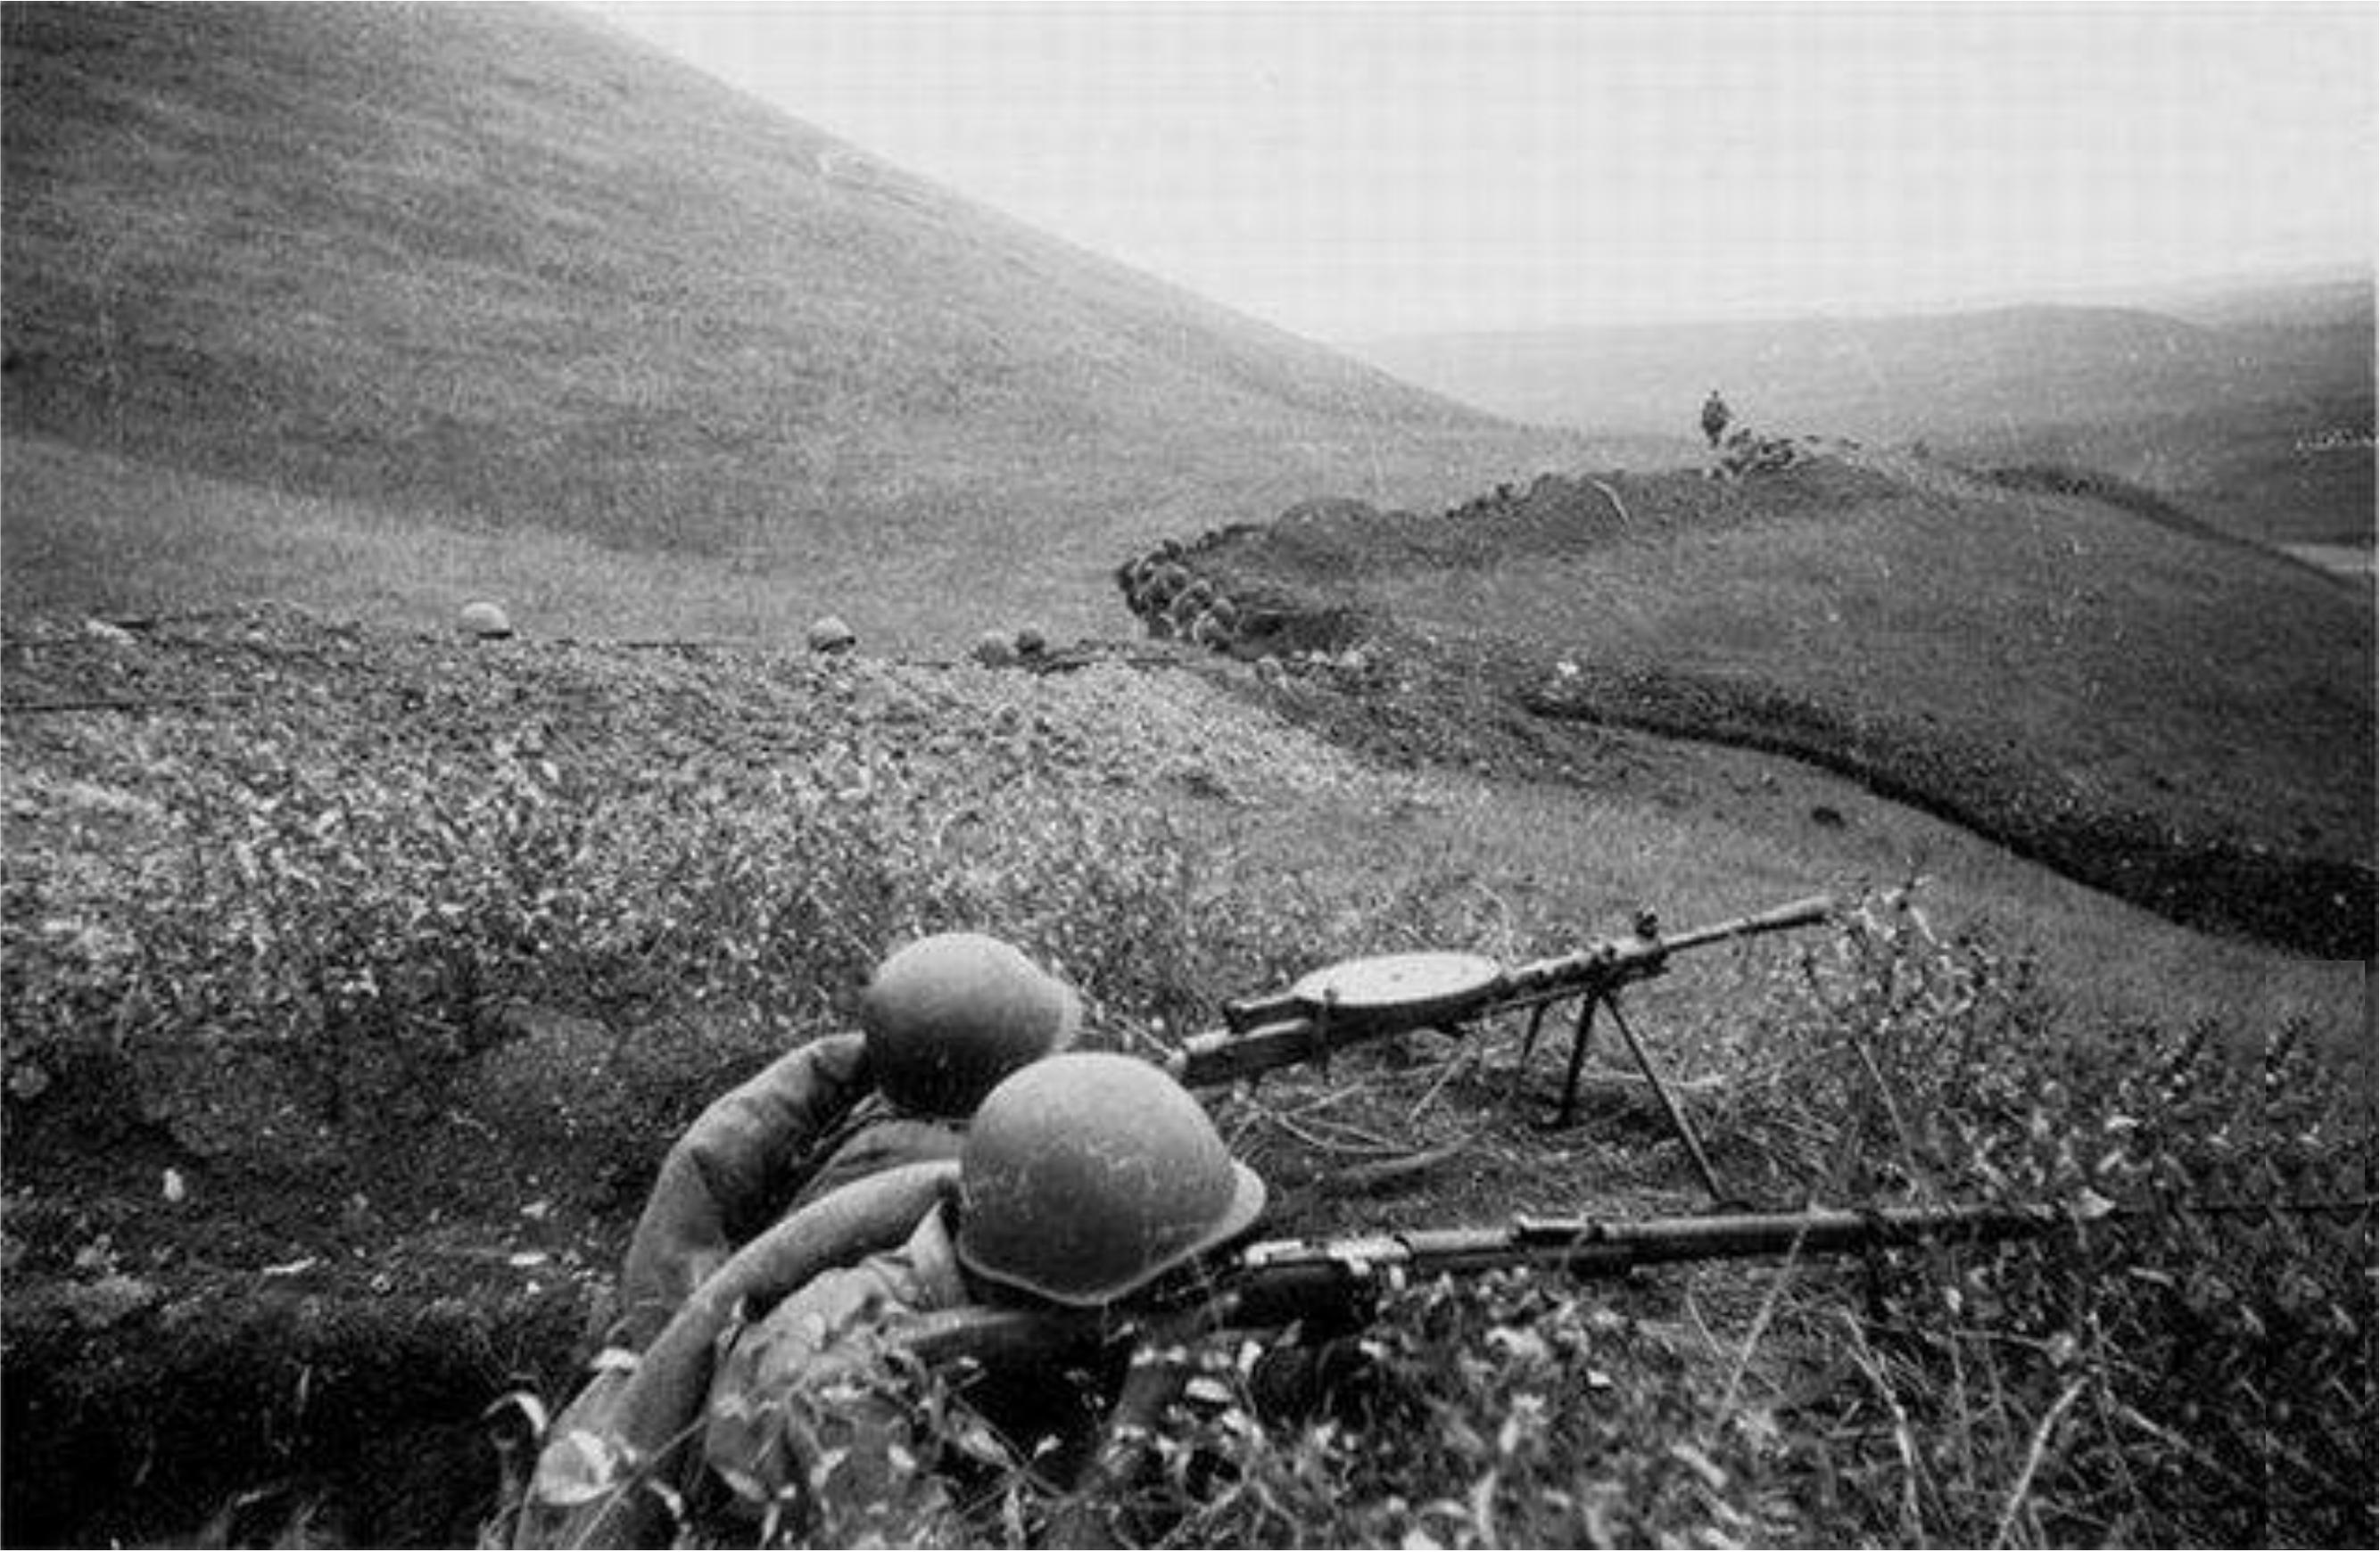 Новороссийск 75 лет назад: окопная война глазами новобранца